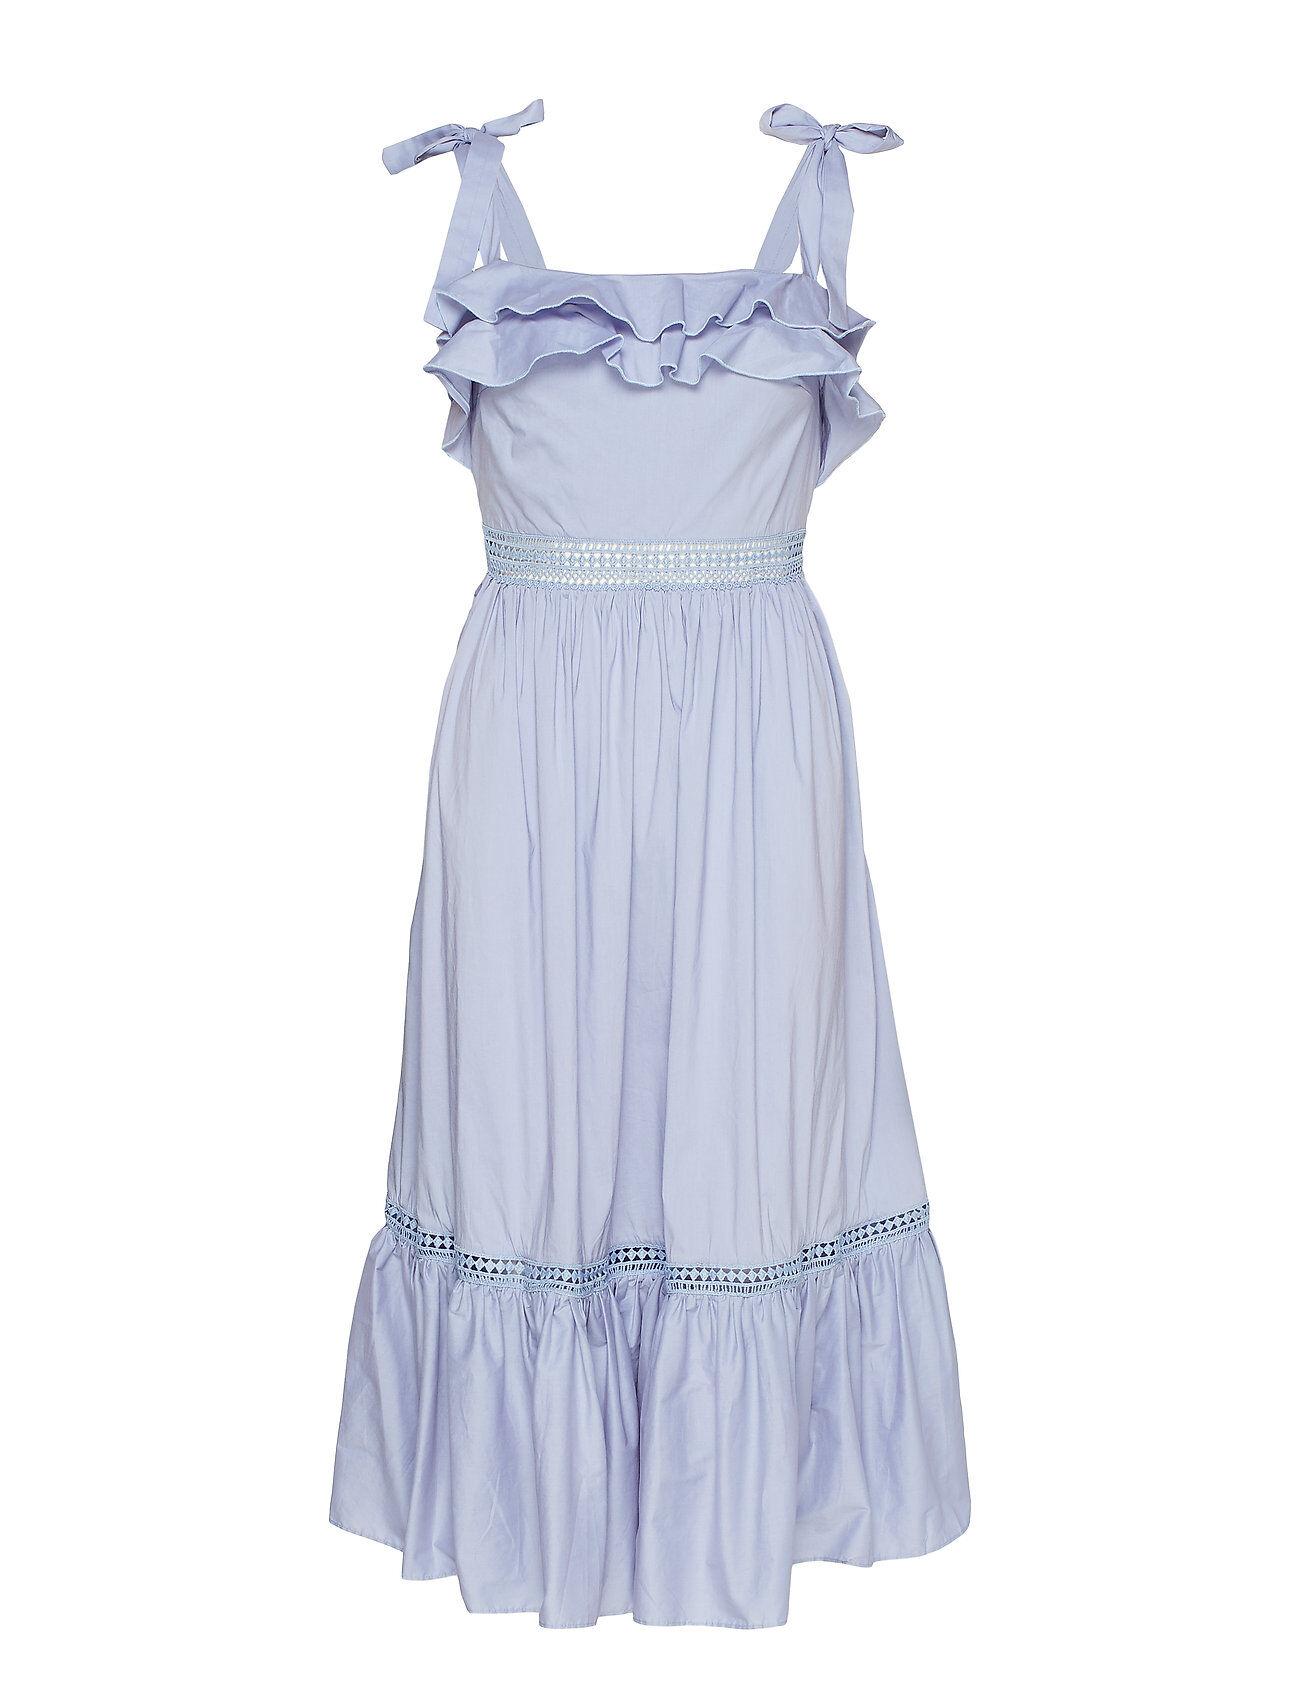 By Malina Jeanni Dress Polvipituinen Mekko Sininen By Malina